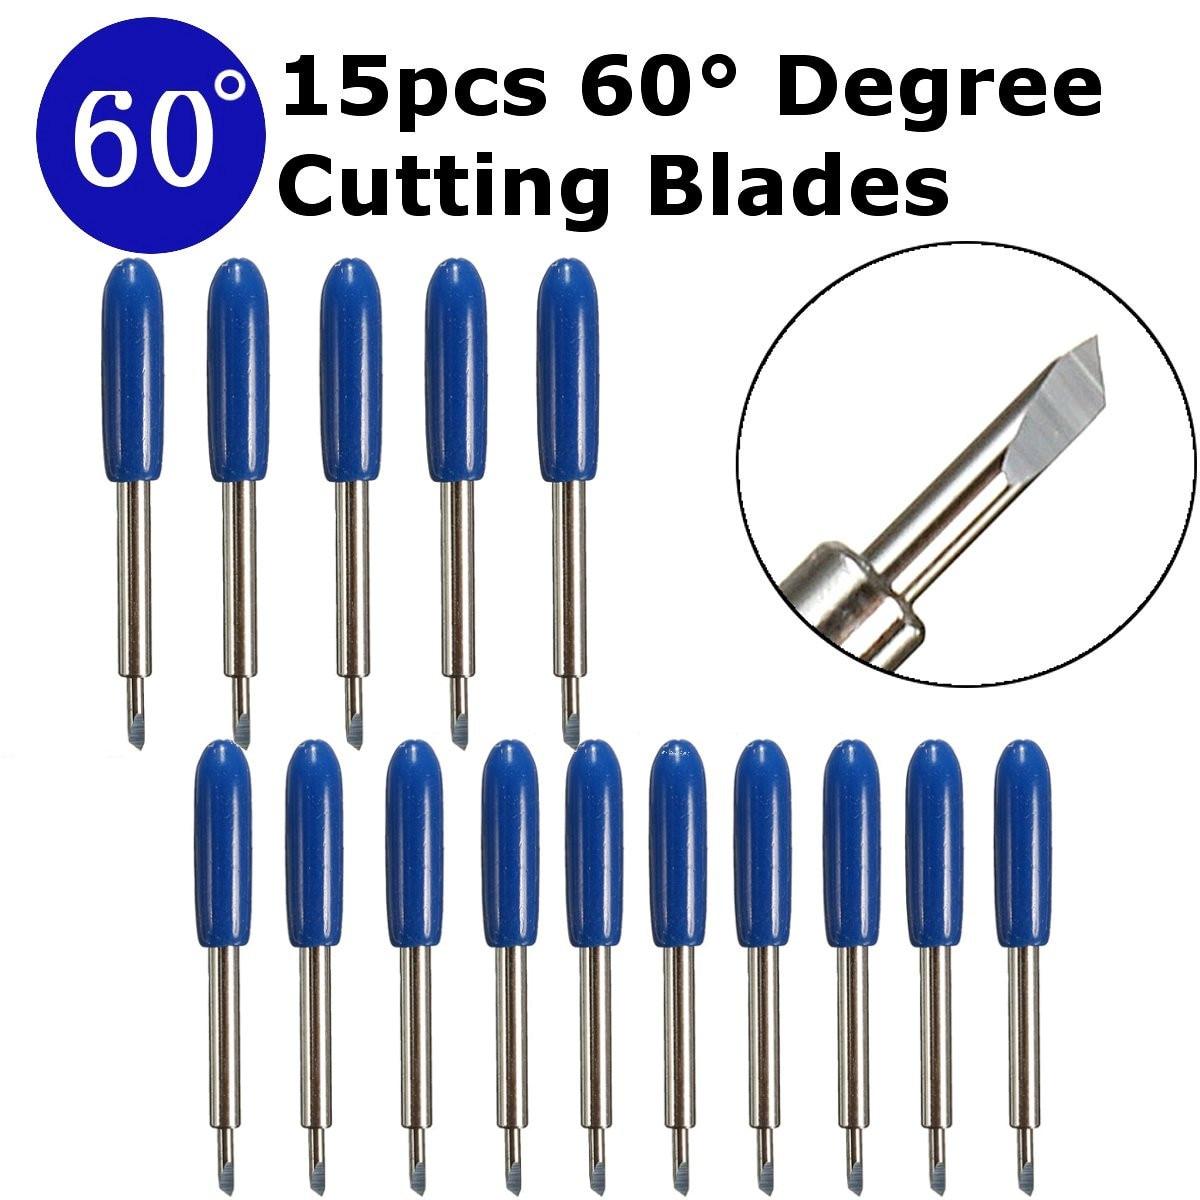 15Pcs/Lot 60 Degree Vinyl Cutter  Plotter Cutter Knife Cemented Carbide Blade For Vinyl Cricut Cutting